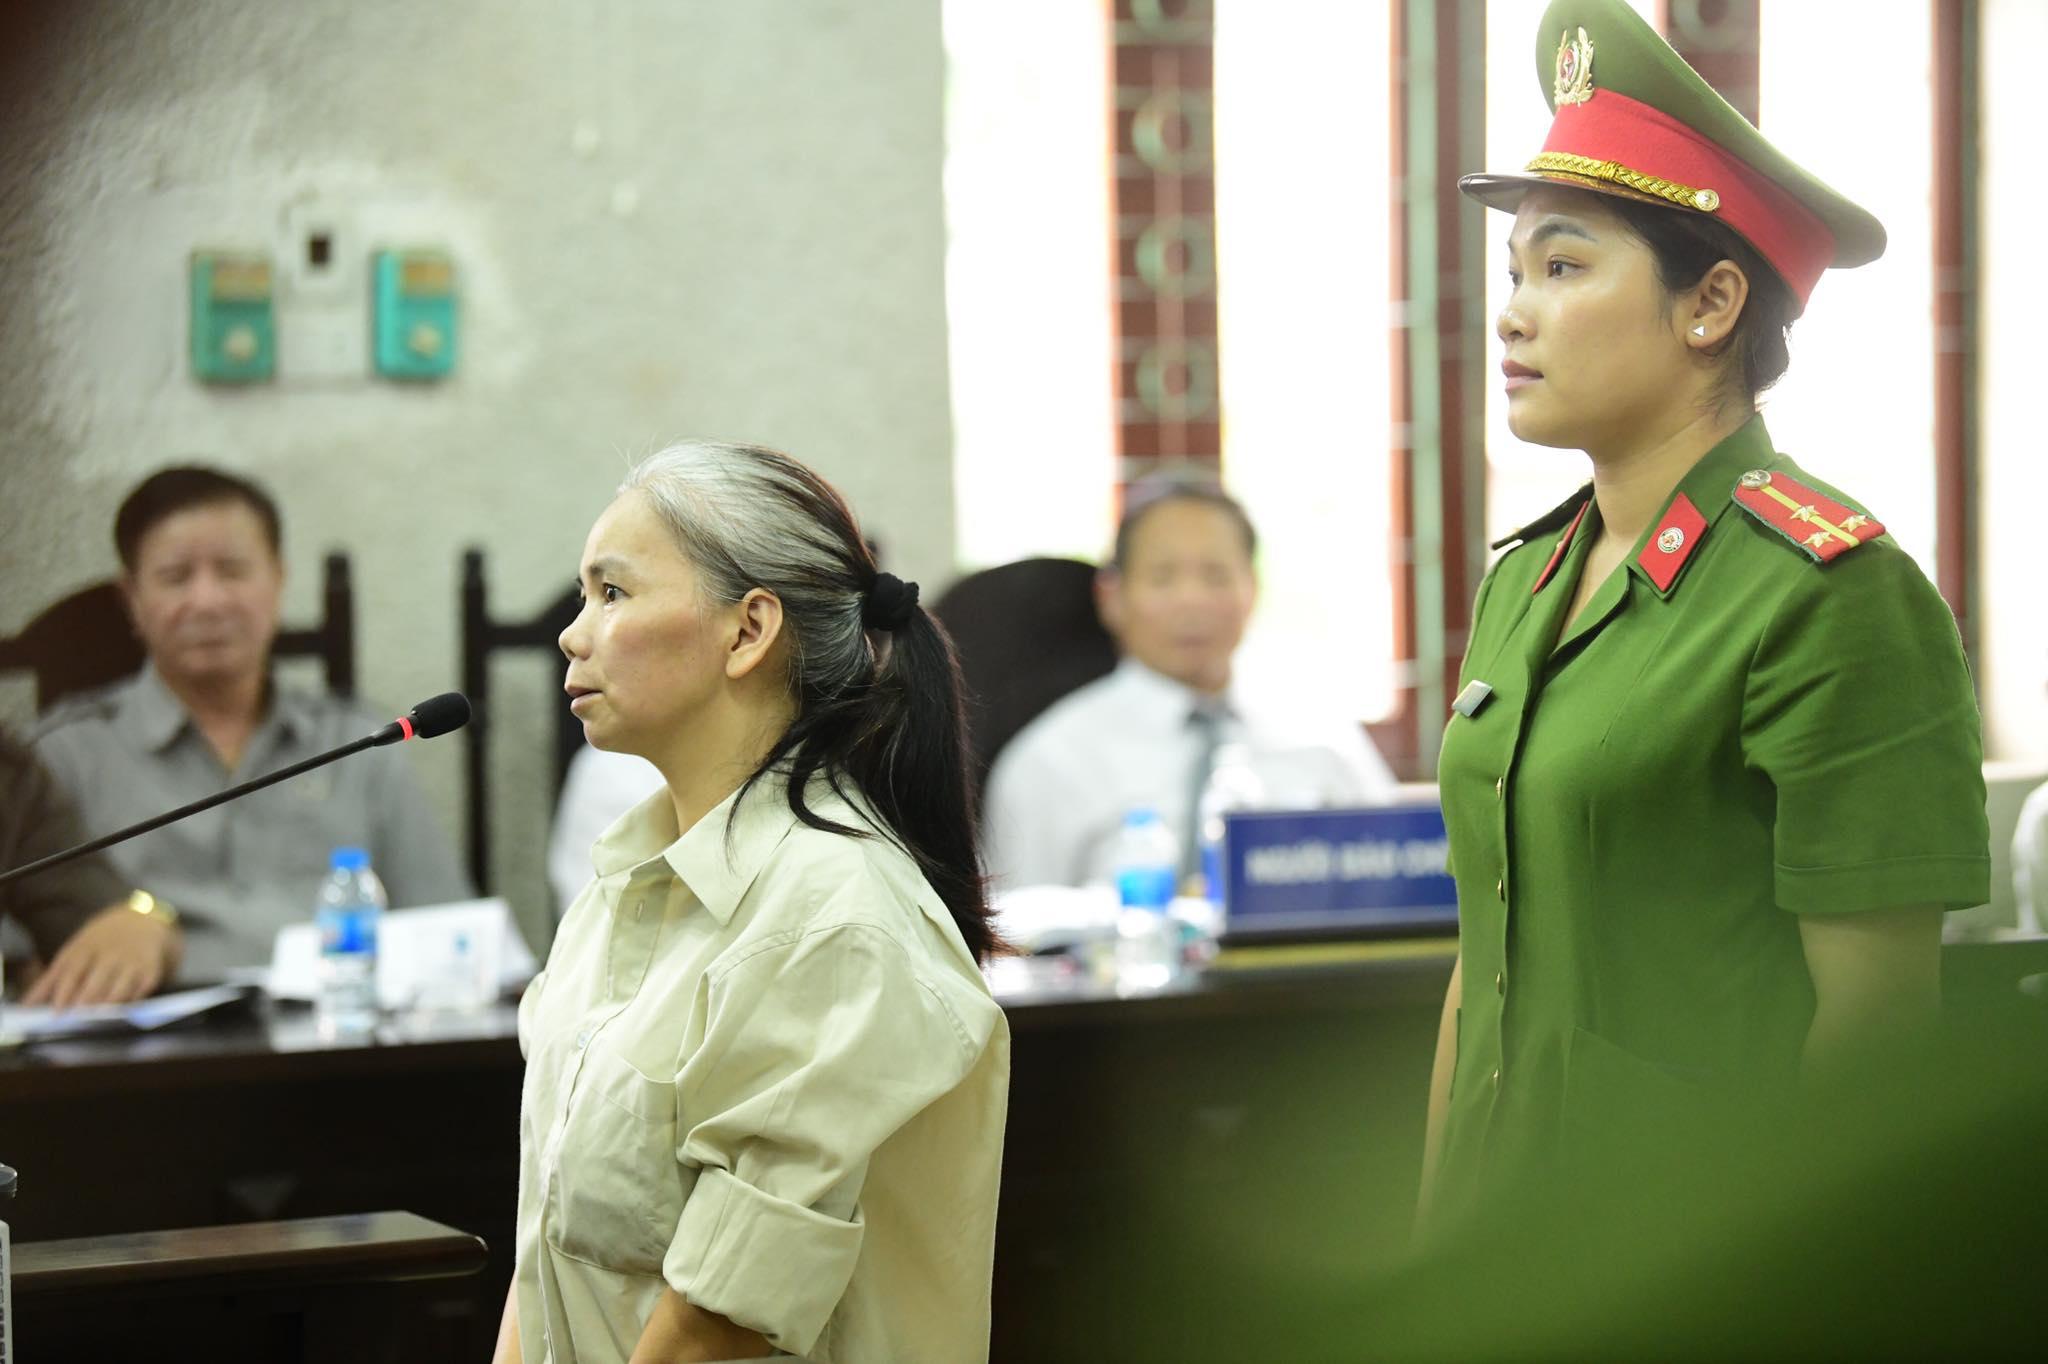 Bùi Kim Thu bất ngờ đánh lén 1 bị cáo trong phiên tòa xử vụ nữ sinh ship gà - 1